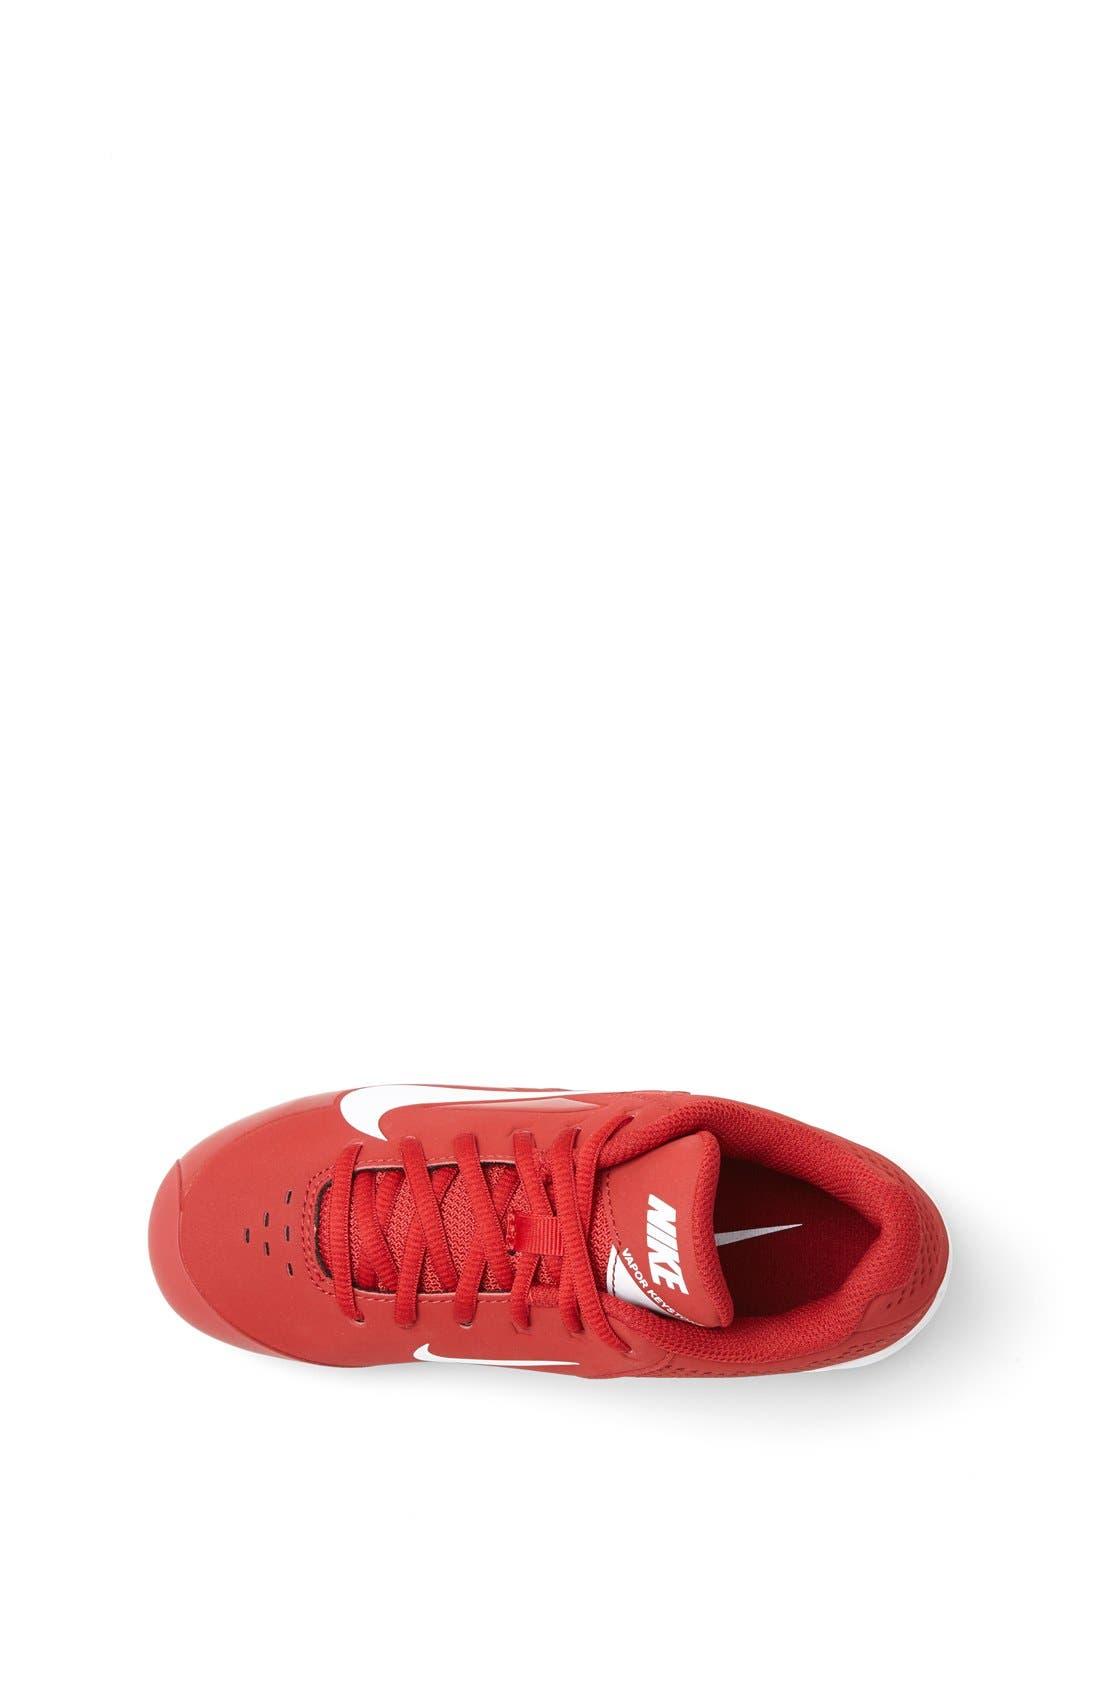 Alternate Image 3  - Nike 'Vapor Keystone Low' Baseball Cleat  (Little Kid & Big Kid)